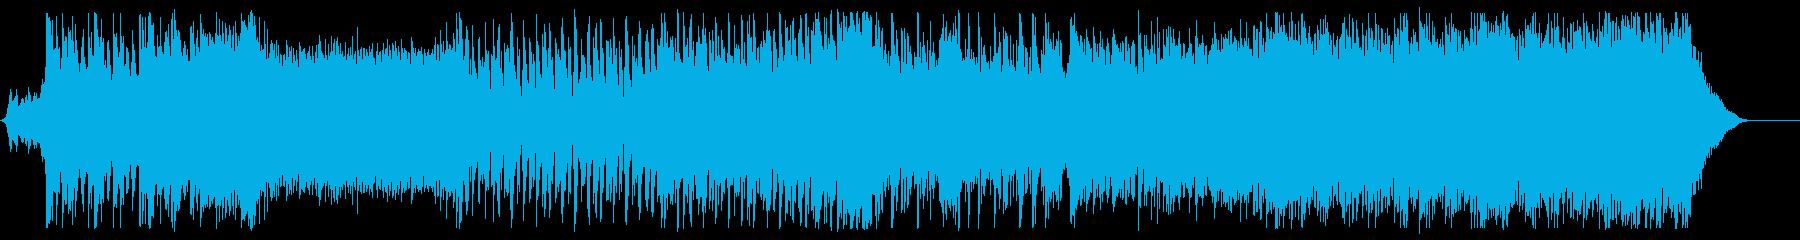 アクロバティックなアップテンポEDMの再生済みの波形